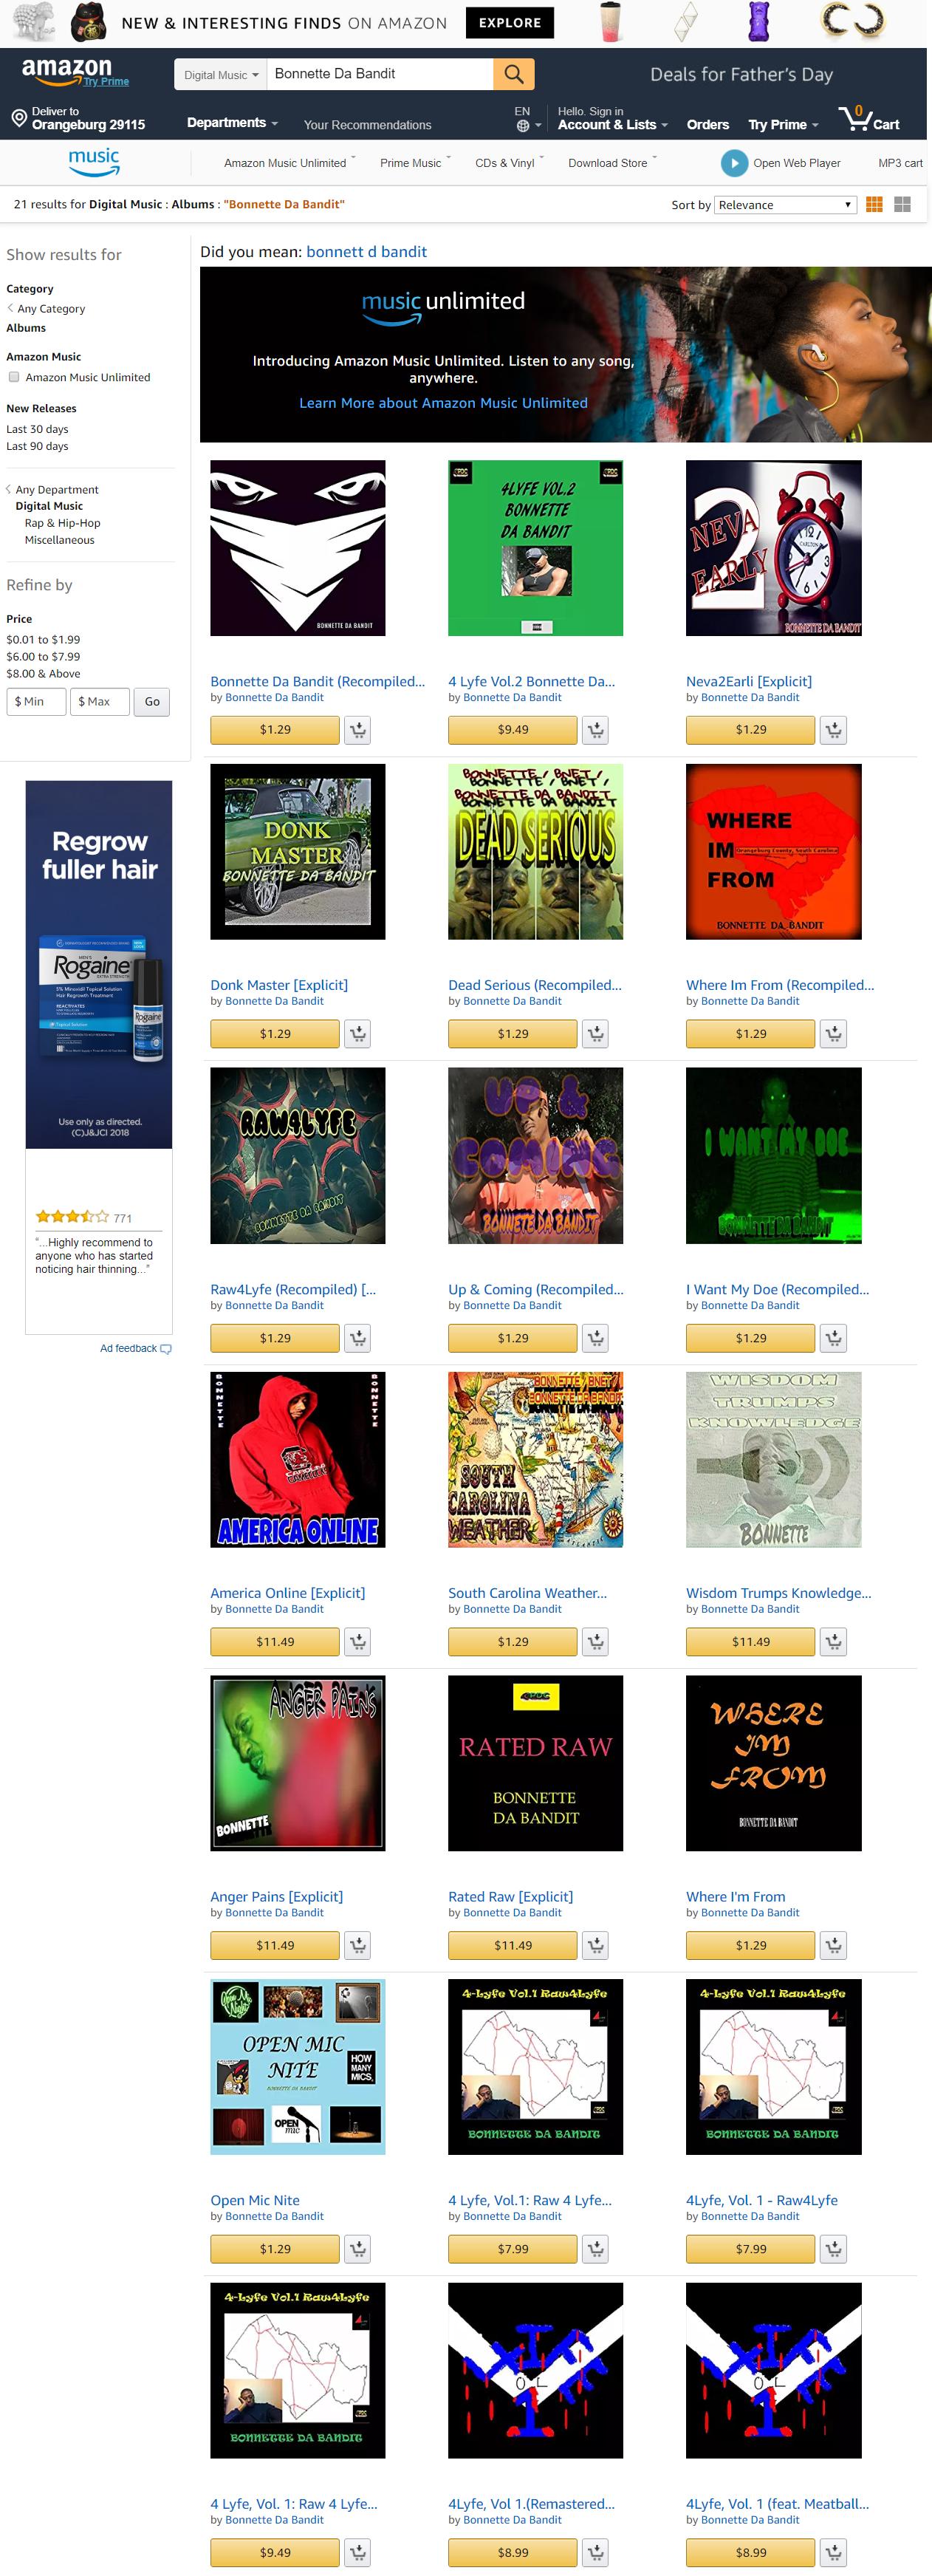 Amazon.com Bonnette